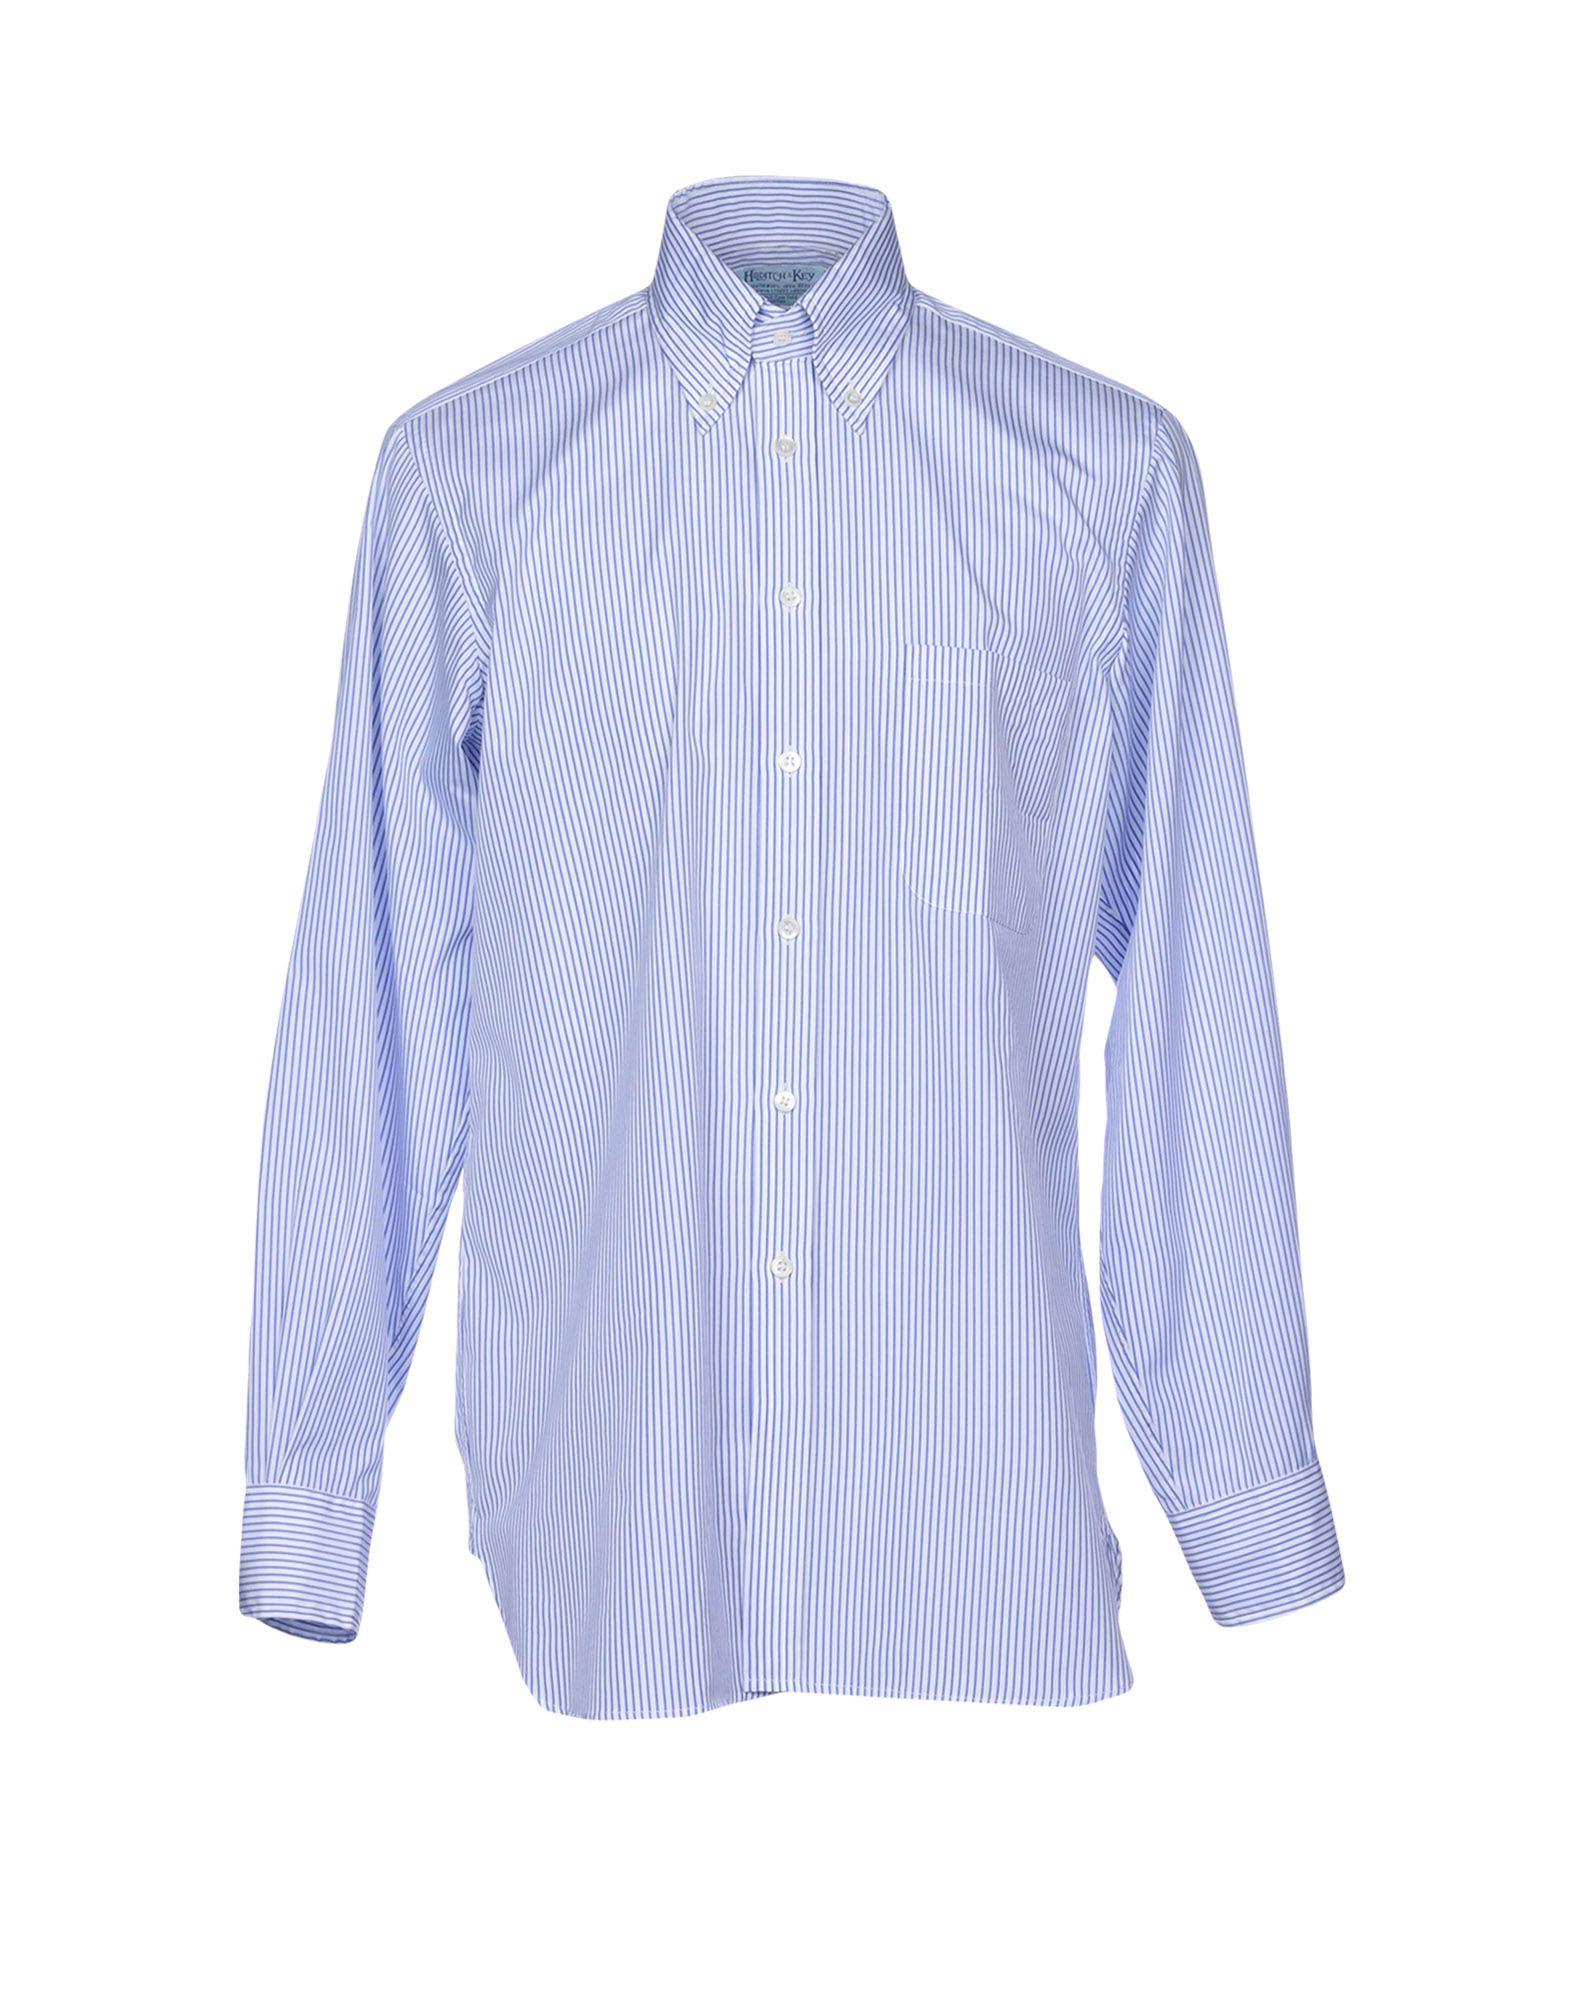 HILDITCH & KEY Striped Shirt in Azure